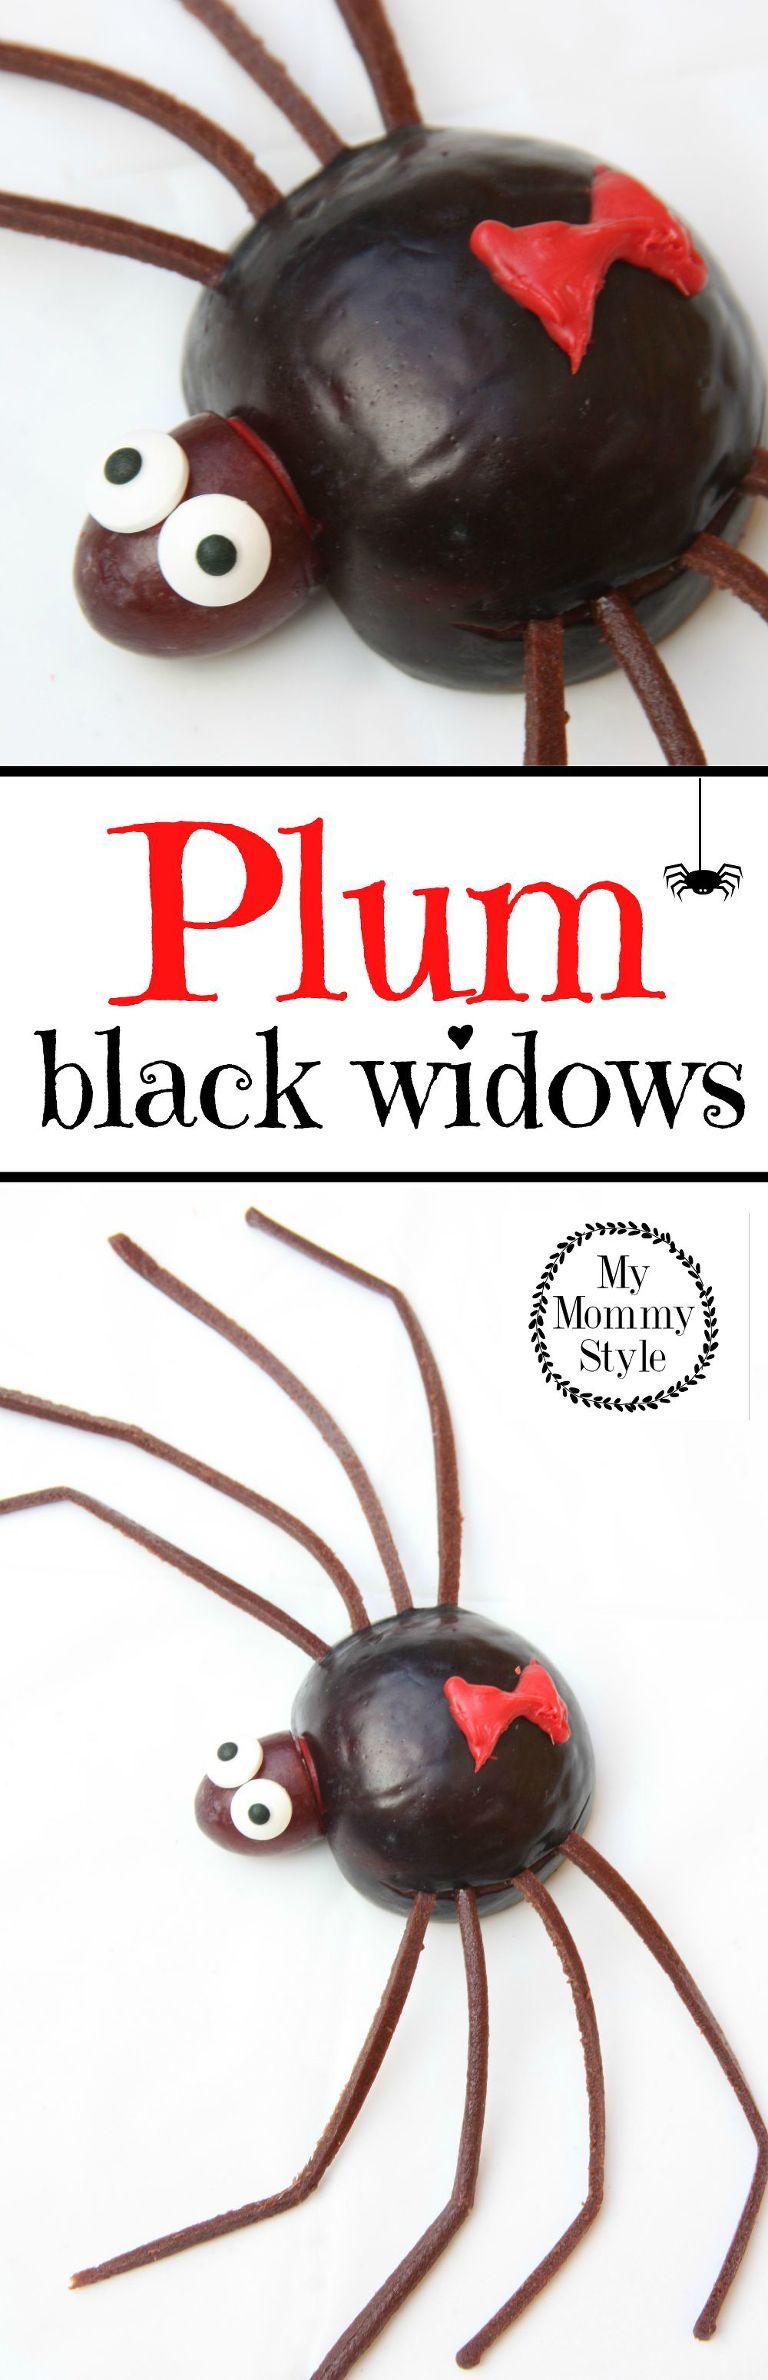 plum black widows for halloween